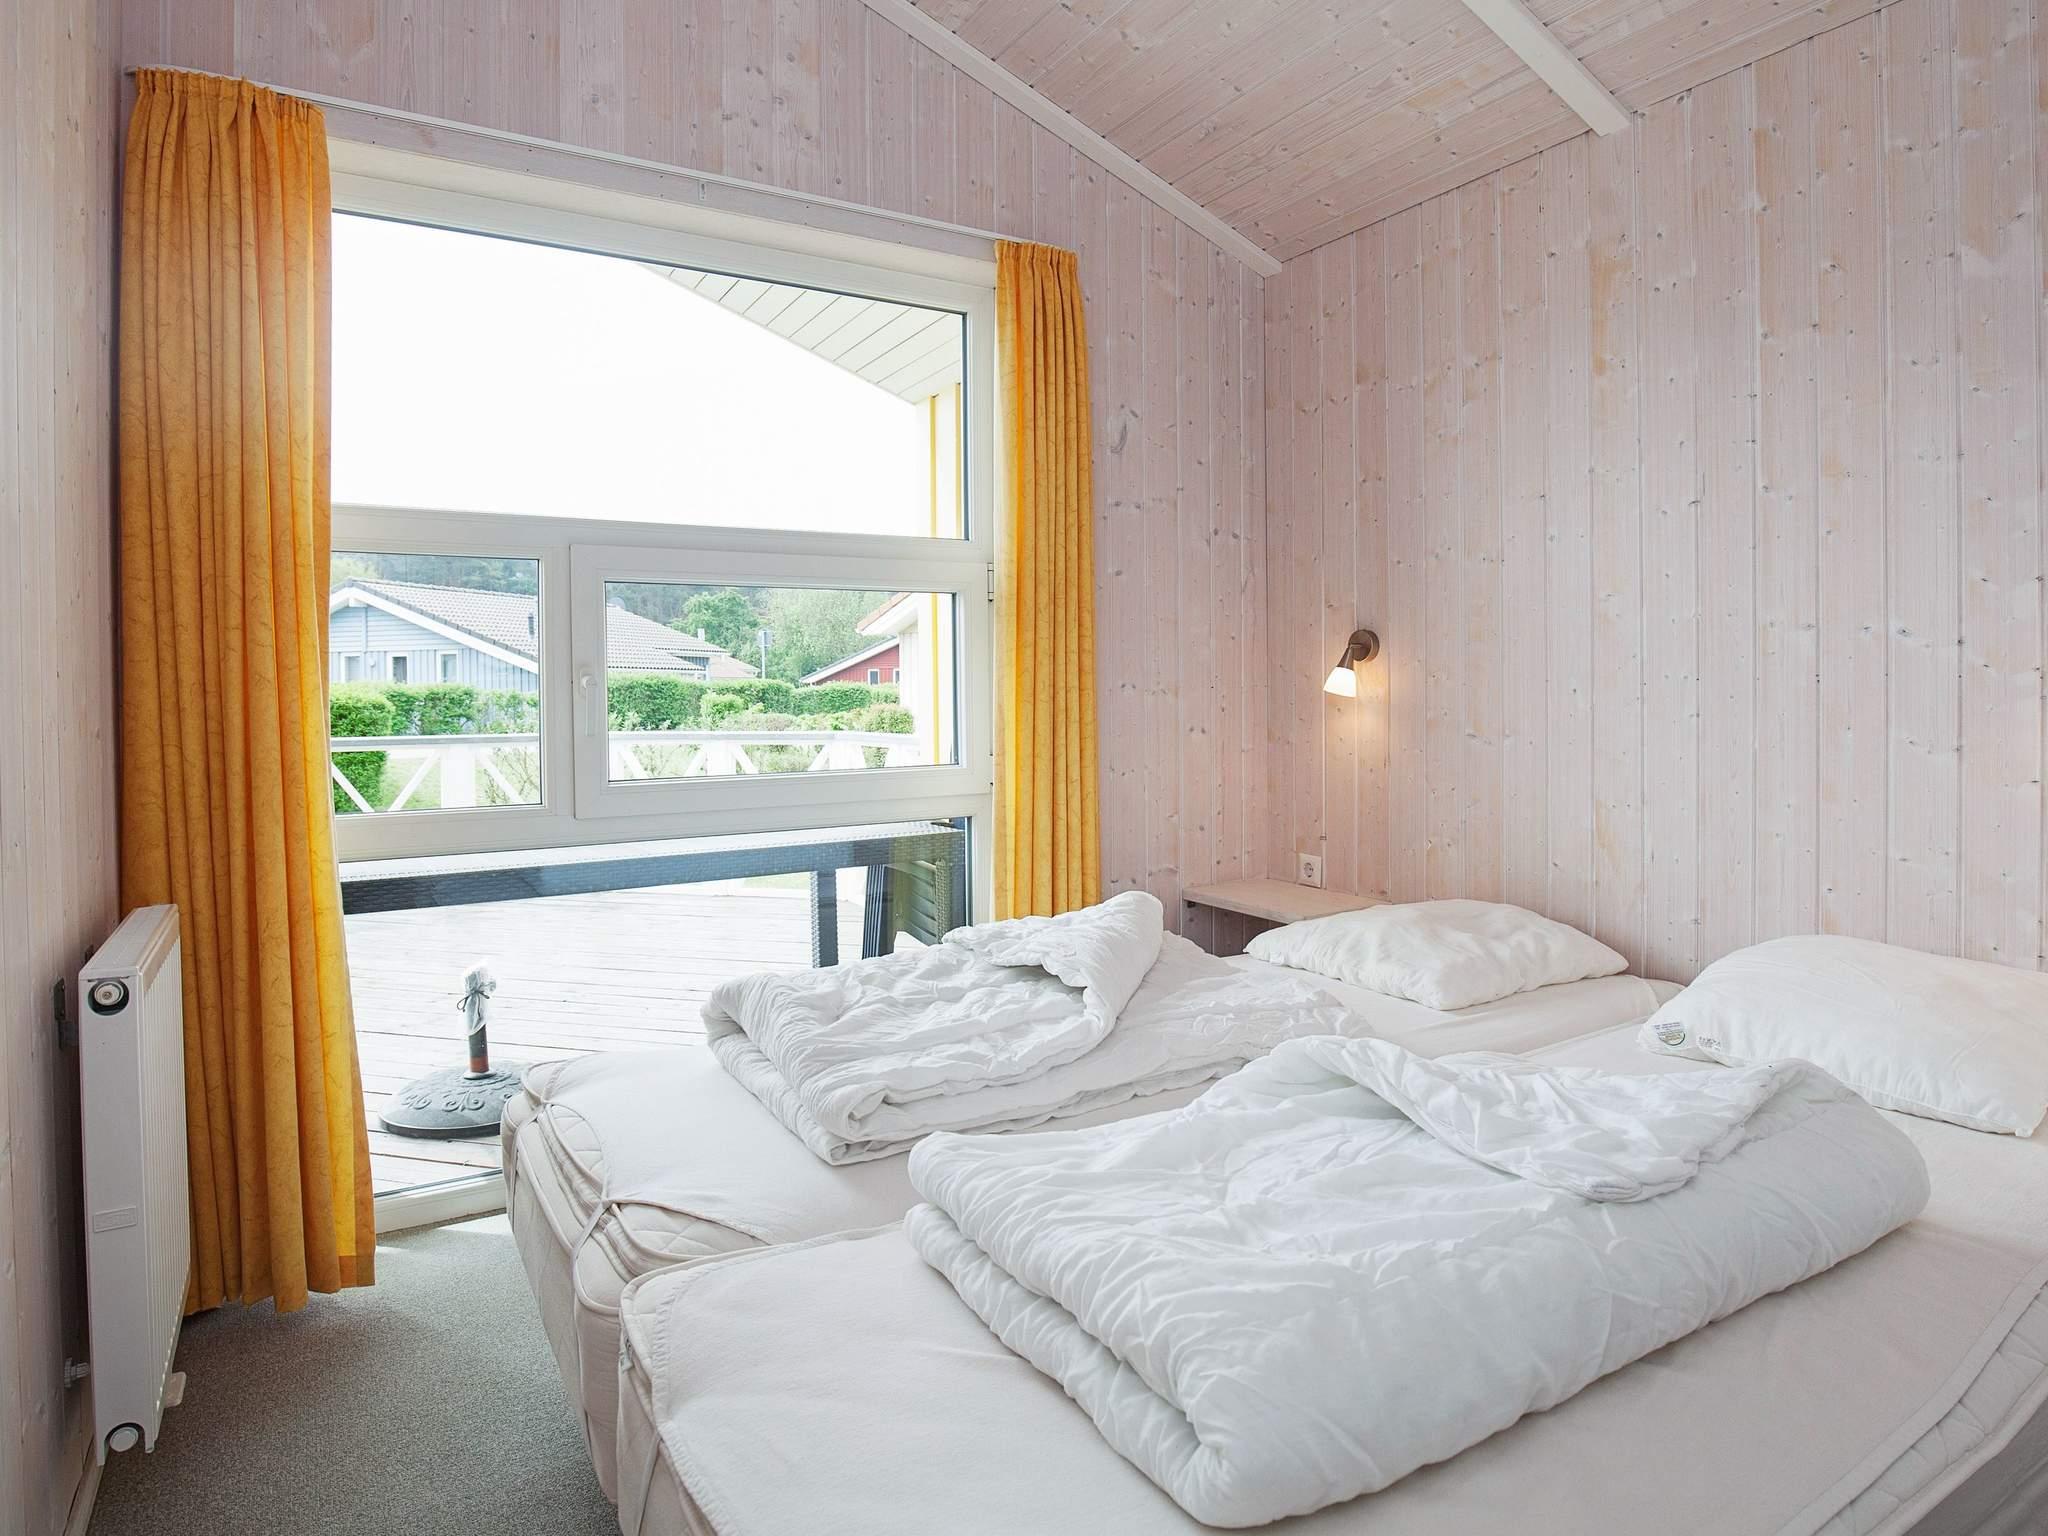 Maison de vacances Grömitz (359058), Grömitz, Baie de Lübeck, Schleswig-Holstein, Allemagne, image 12